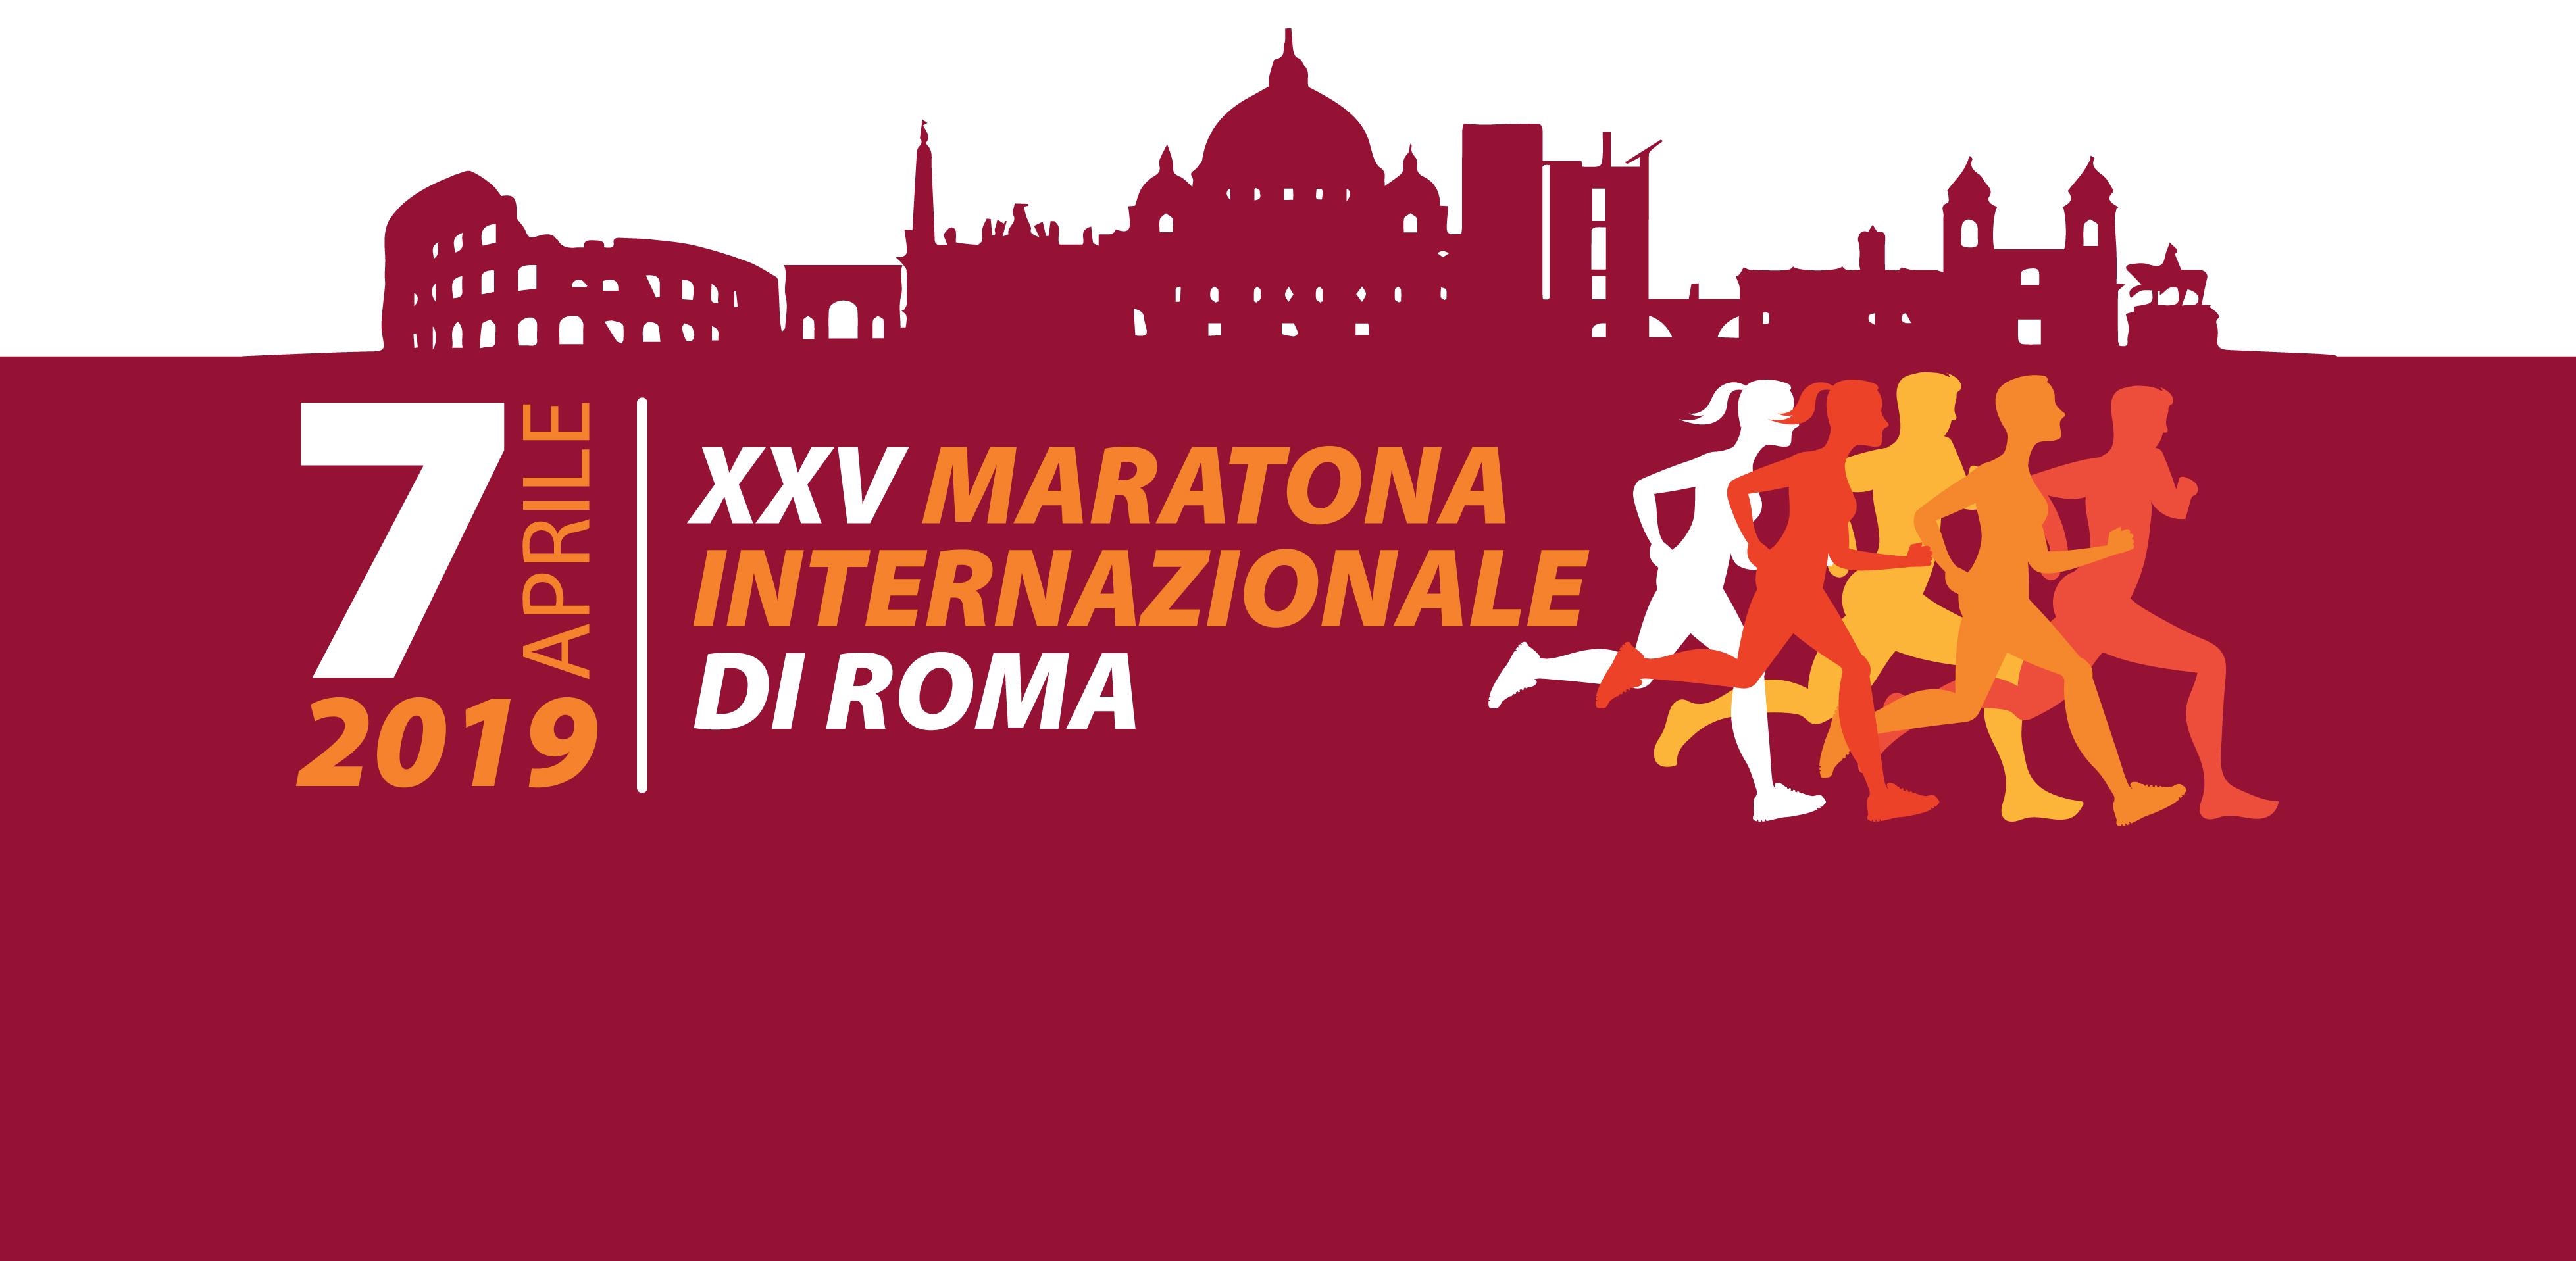 ATLETICA Maratona di Roma, era già grande evento